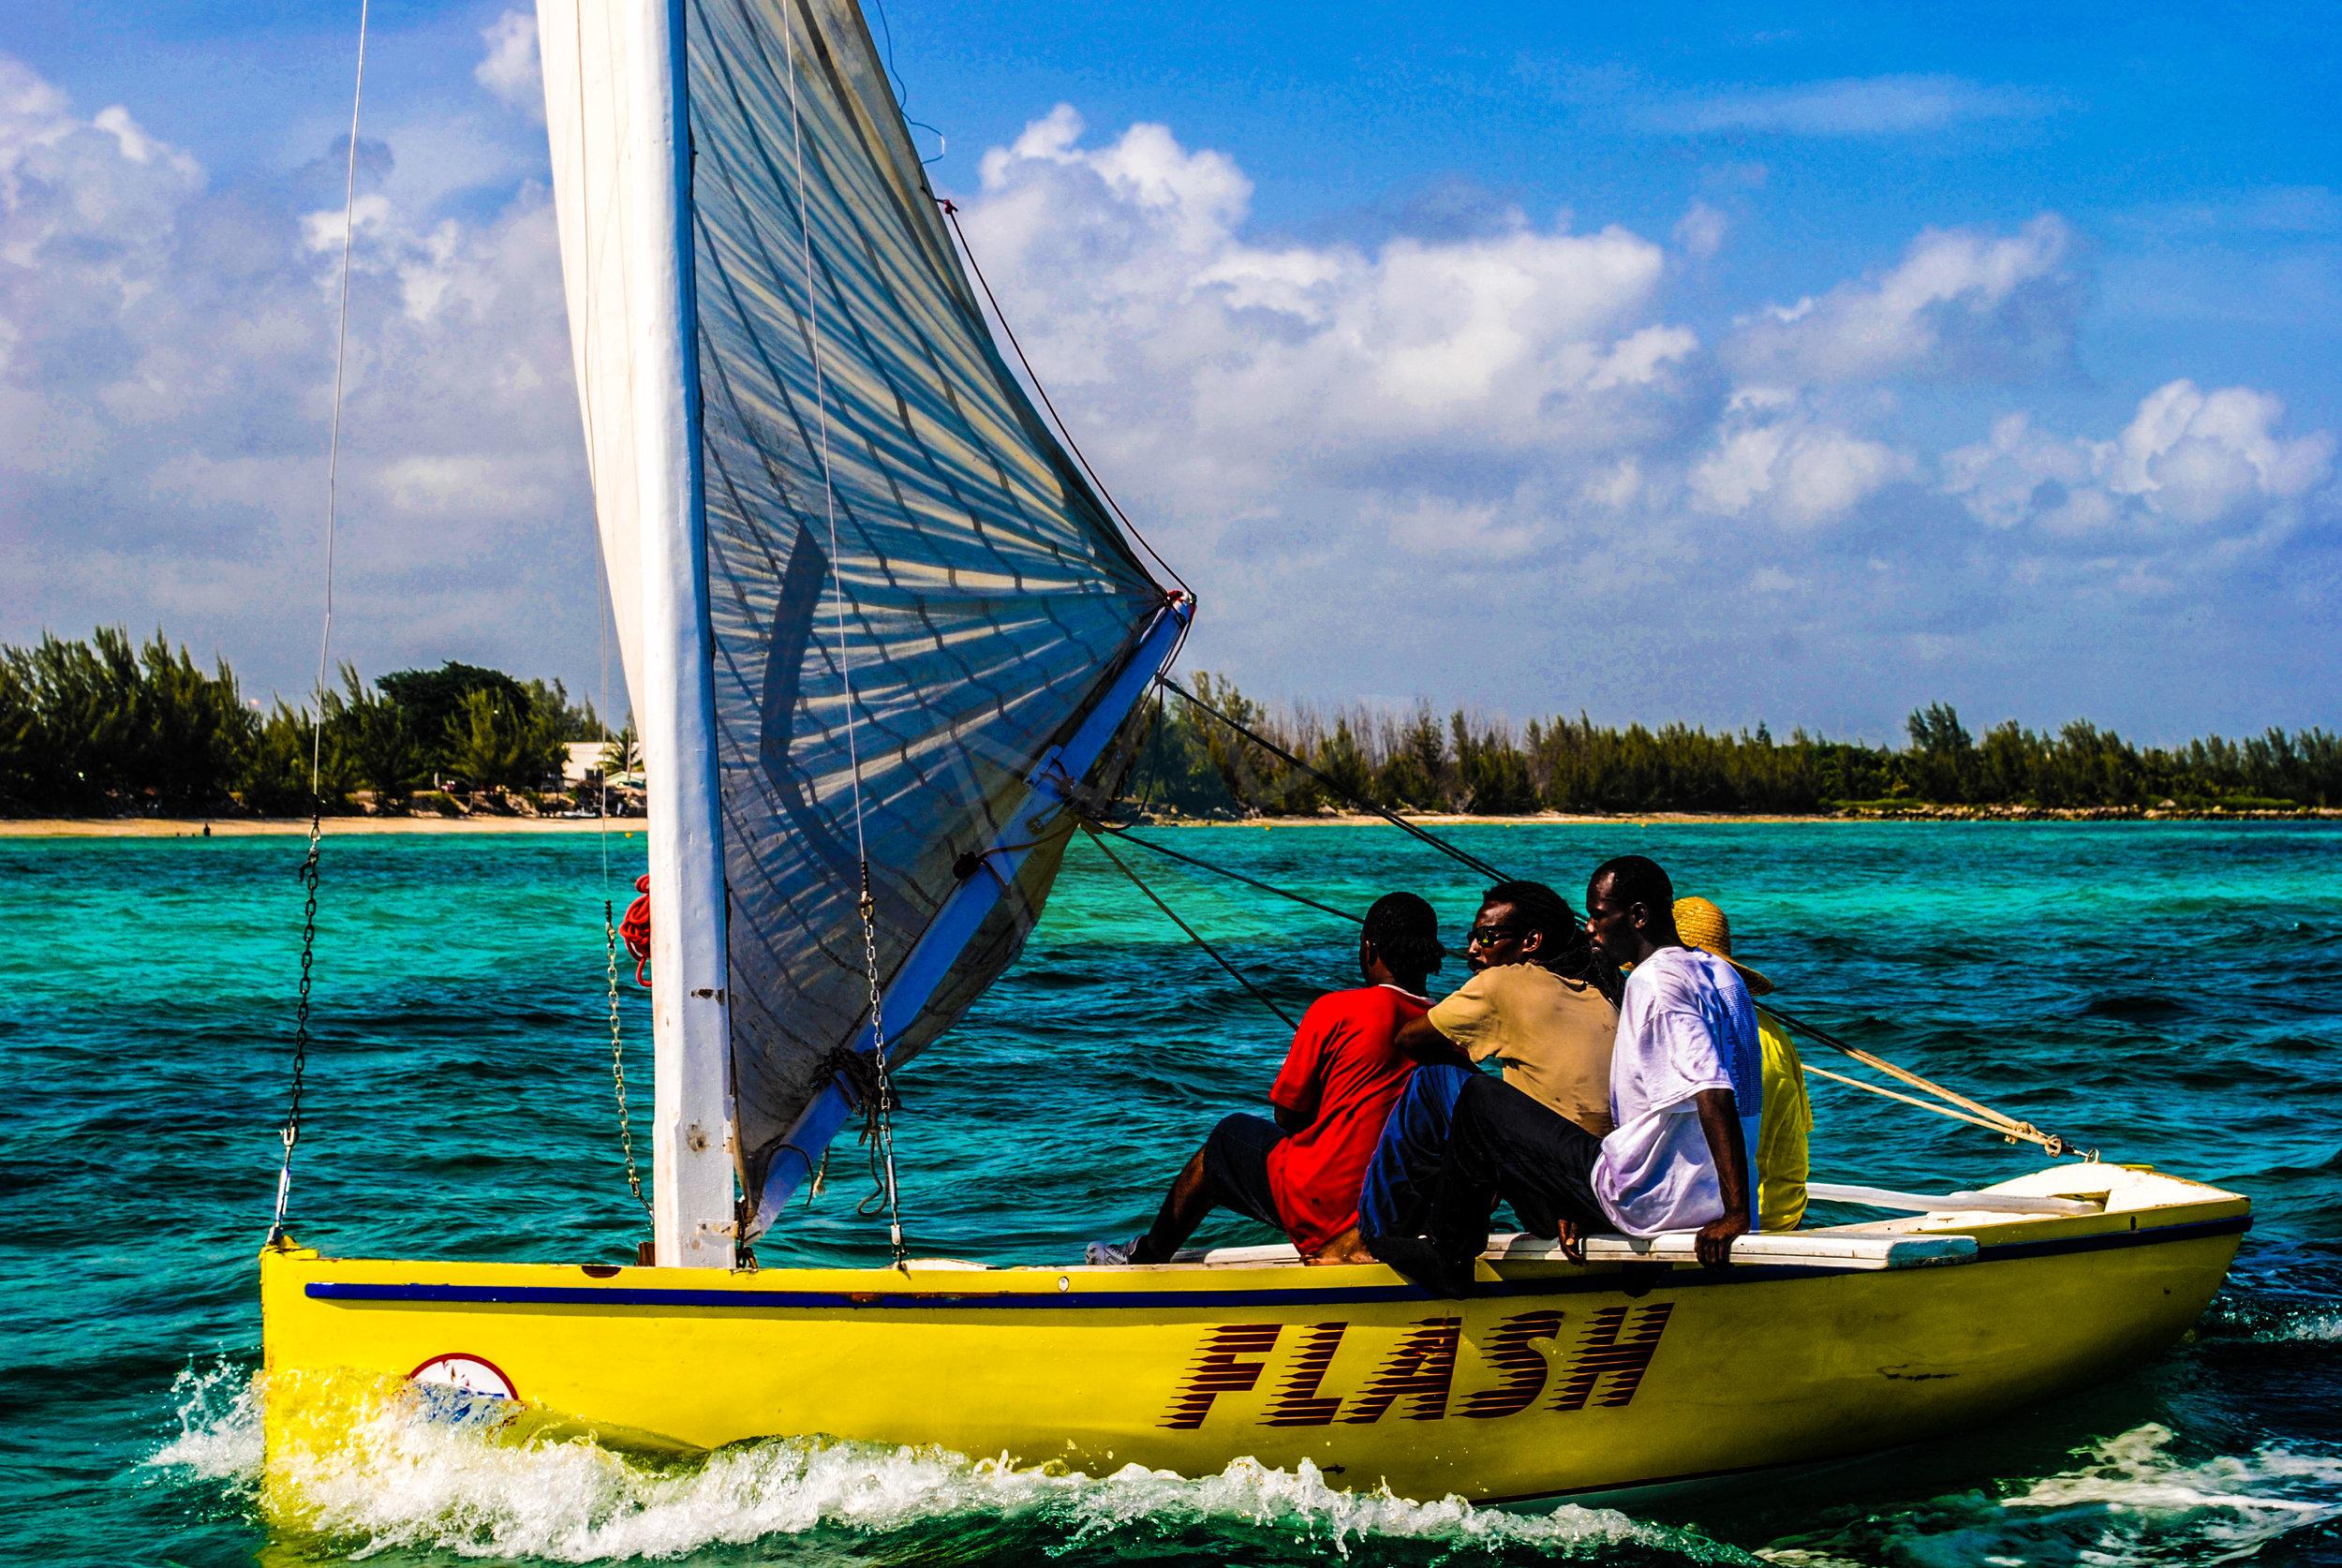 Bahamian sloop off Taino Beach, Freeport, Grand Bahama